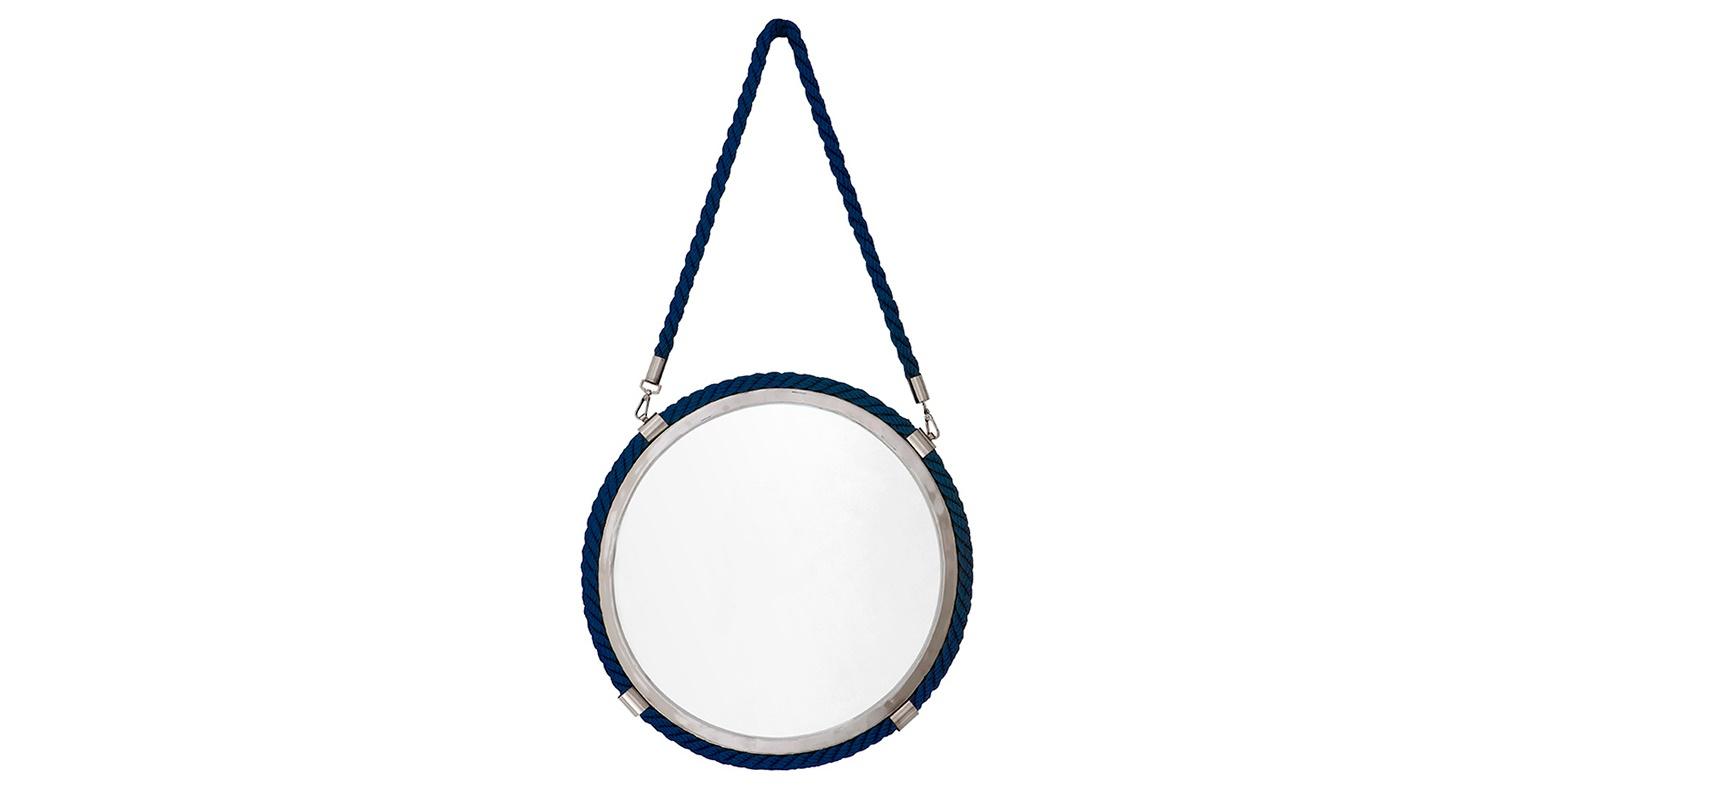 Зеркало СlearwaterНастенные зеркала<br>&amp;lt;div&amp;gt;Зеркало Сlearwater выполнено в лаконичном дизайне. Такая вещь отлично впишется в современный или индустриальный интерьер. Эта модель придется весьма кстати, когда нужно подчеркнуть сдержанность и ненавязчиво добавить ярких акцентов в пространство. Зеркало в металлической рамке имеет дополнительную окантовку синего цвета. Этот завершающий штрих делает аксессуар колоритным и радужным.&amp;lt;br&amp;gt;&amp;lt;/div&amp;gt;&amp;lt;div&amp;gt;&amp;lt;br&amp;gt;&amp;lt;/div&amp;gt;&amp;lt;div&amp;gt;Цвет металла: никель.&amp;lt;/div&amp;gt;<br><br>Material: Текстиль<br>Ширина см: 58<br>Высота см: 101<br>Глубина см: 7